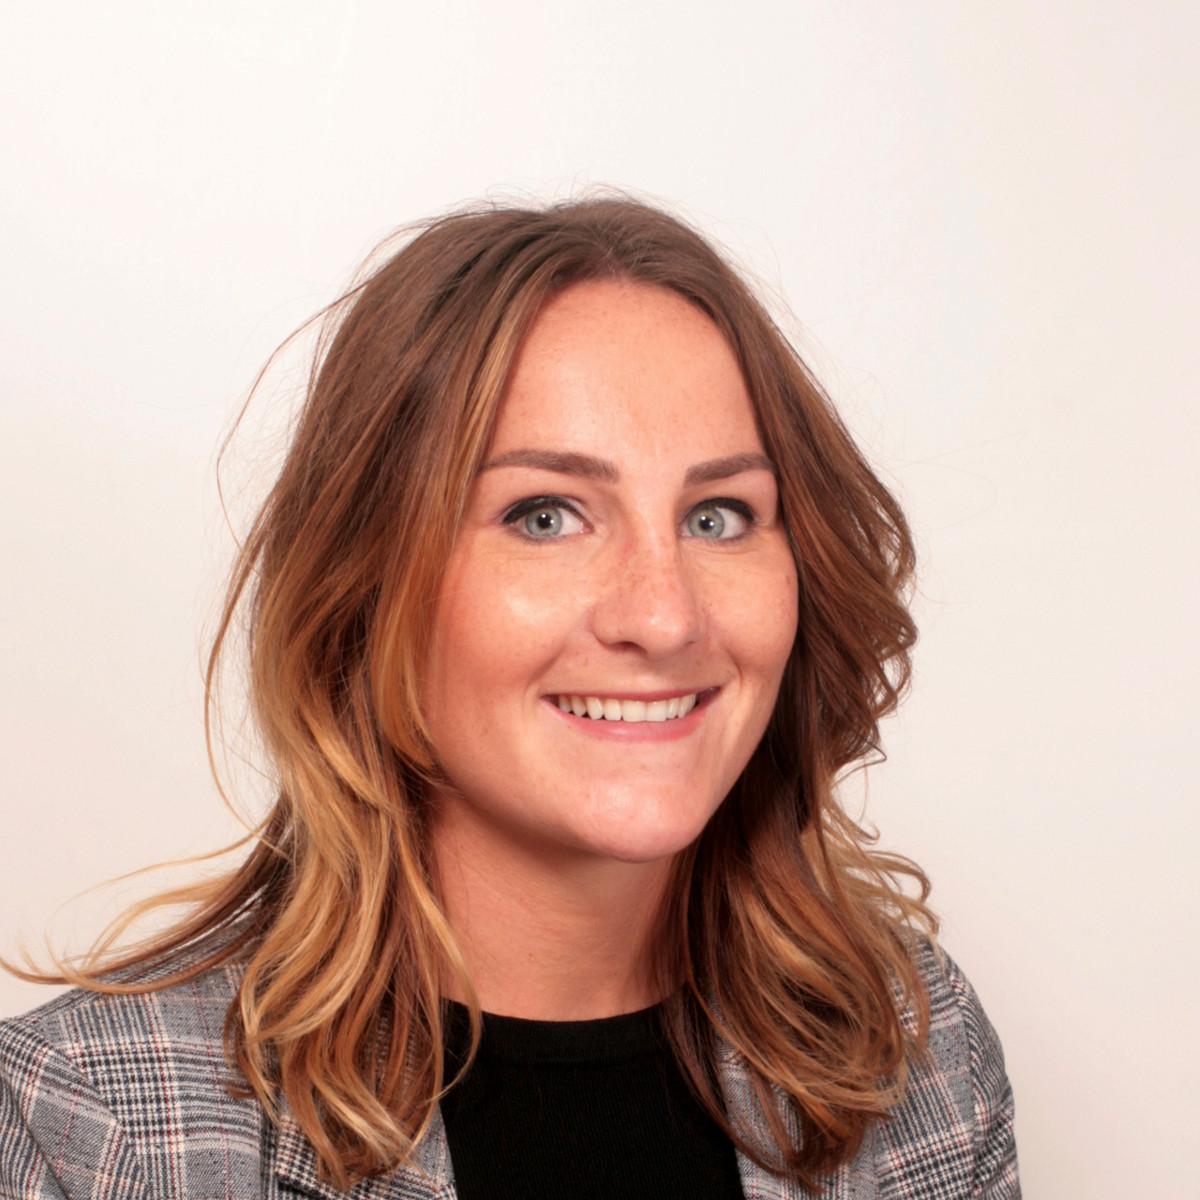 Lisa Vervaart